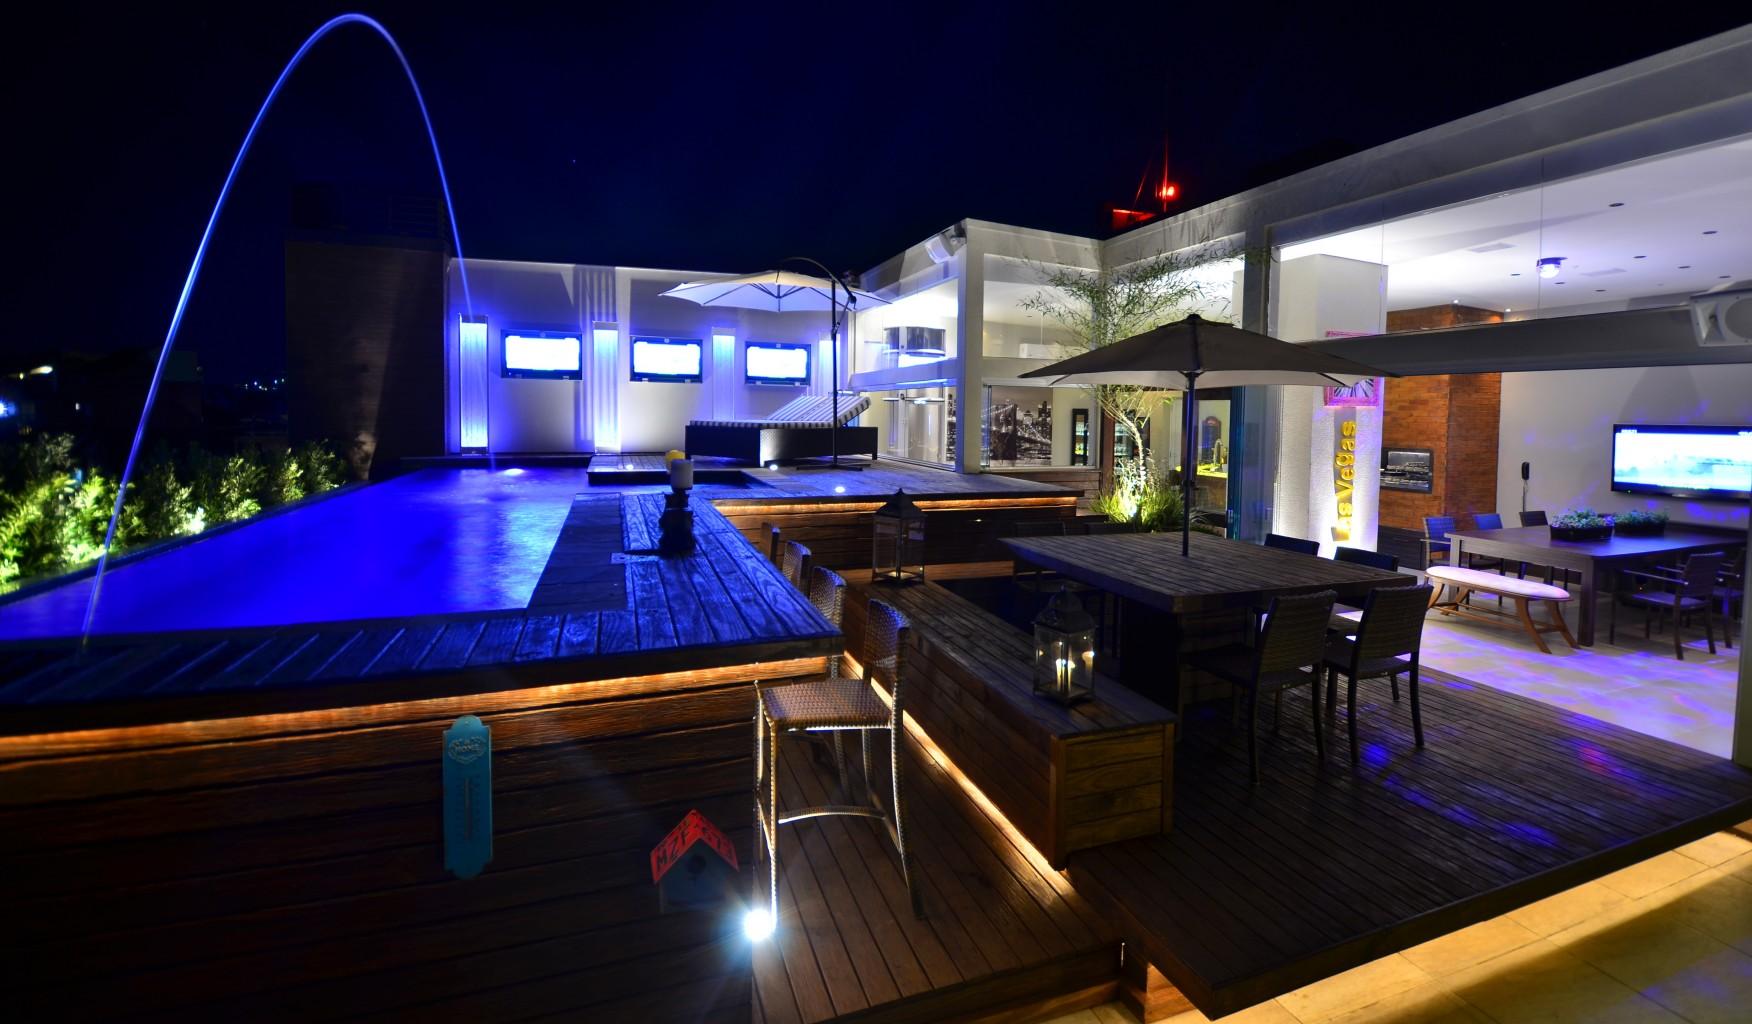 paulinho_peres_group_apartamento_piscina_porto_alegre_guaiba_arquitetura_design_luxo_festa_jovial